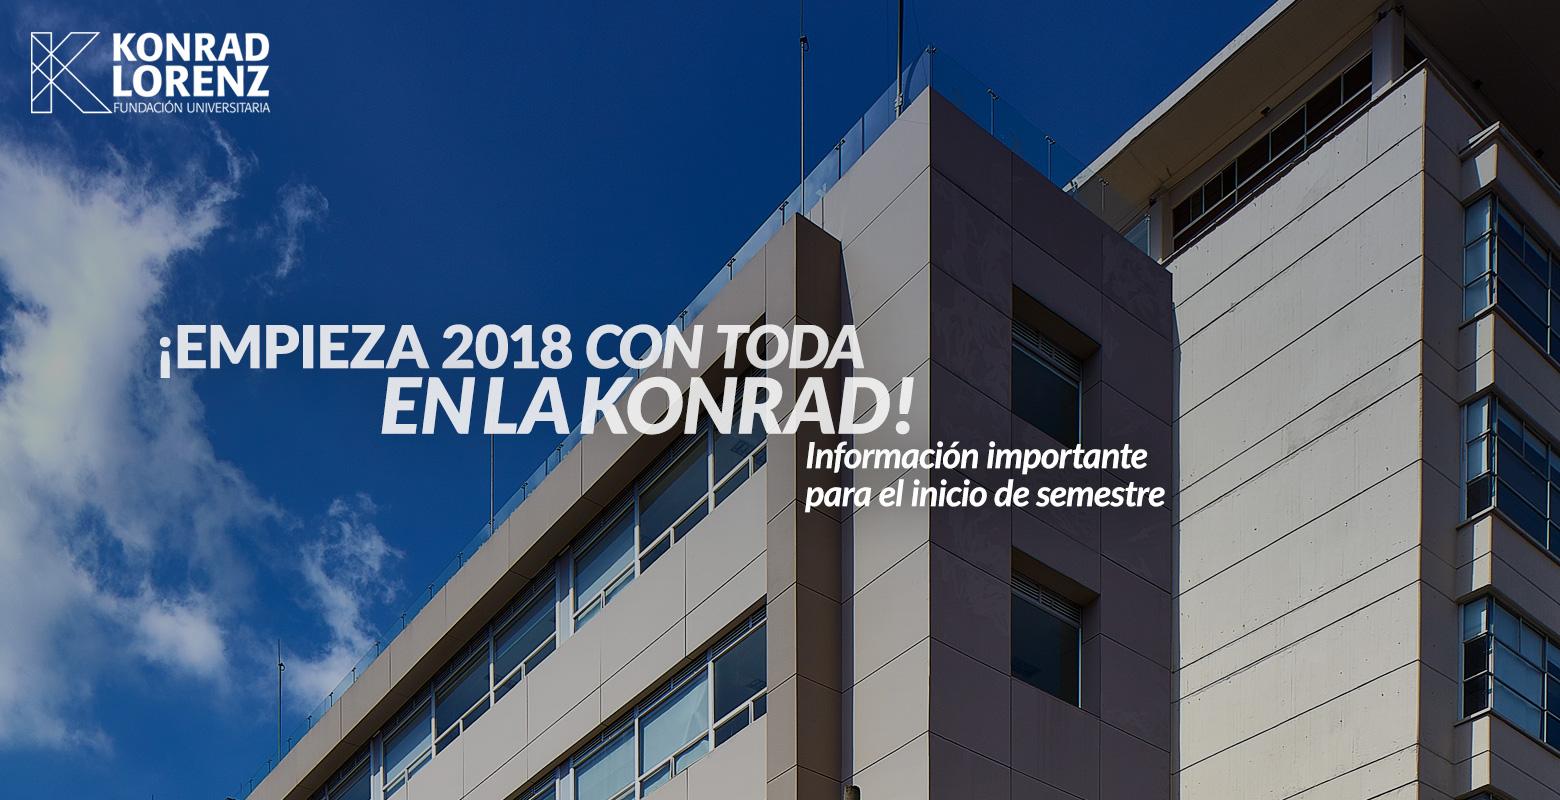 ¡Inicia 2018 con toda en la Konrad!